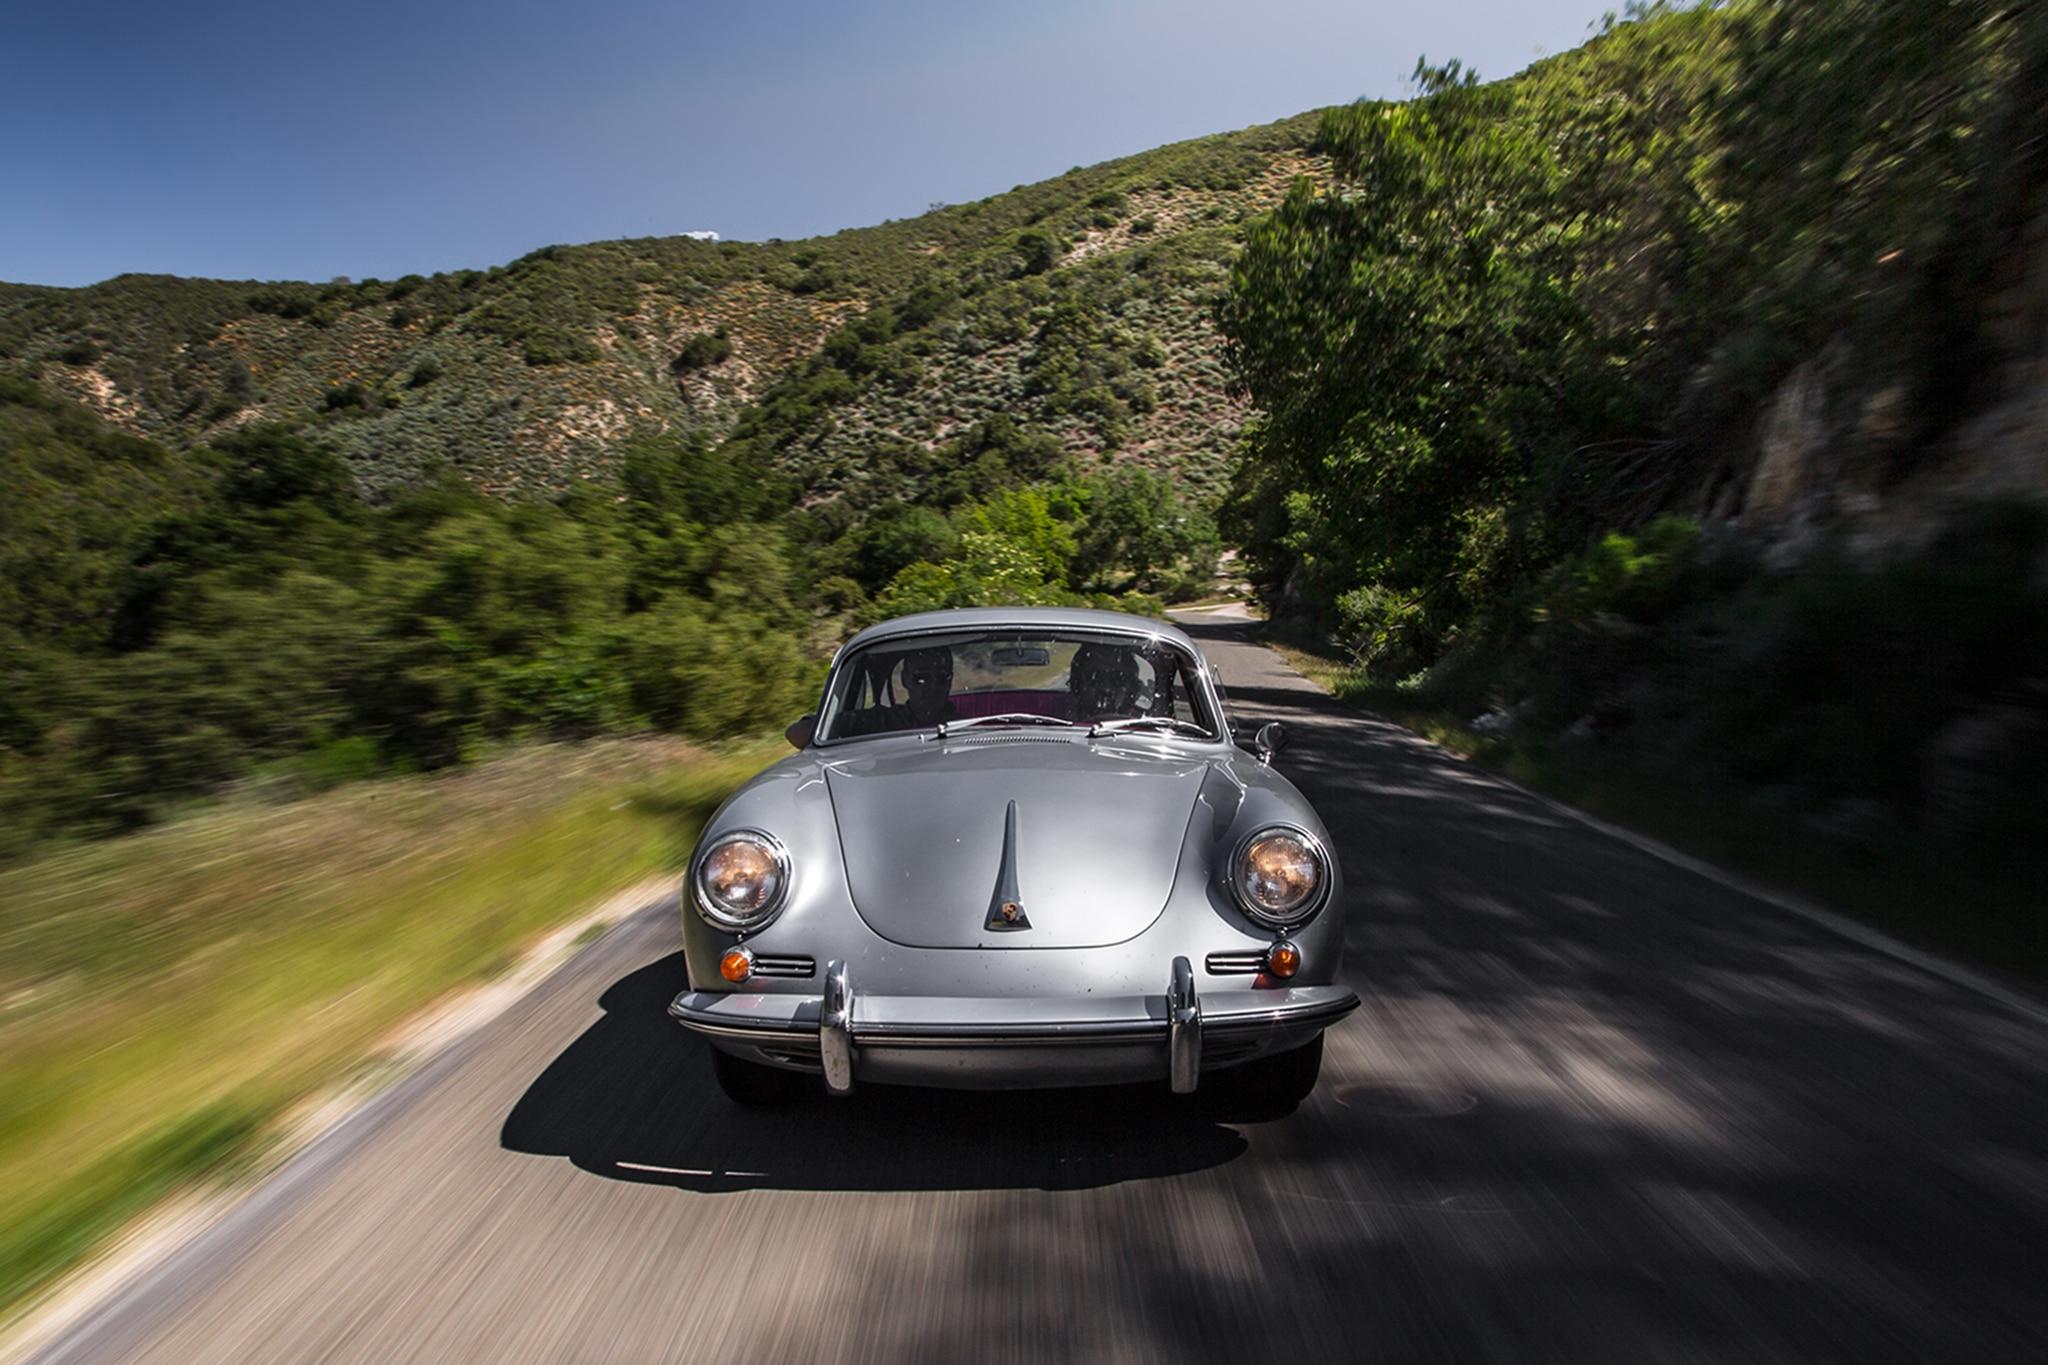 1964 Porsche 356 C Front View In Motion 02